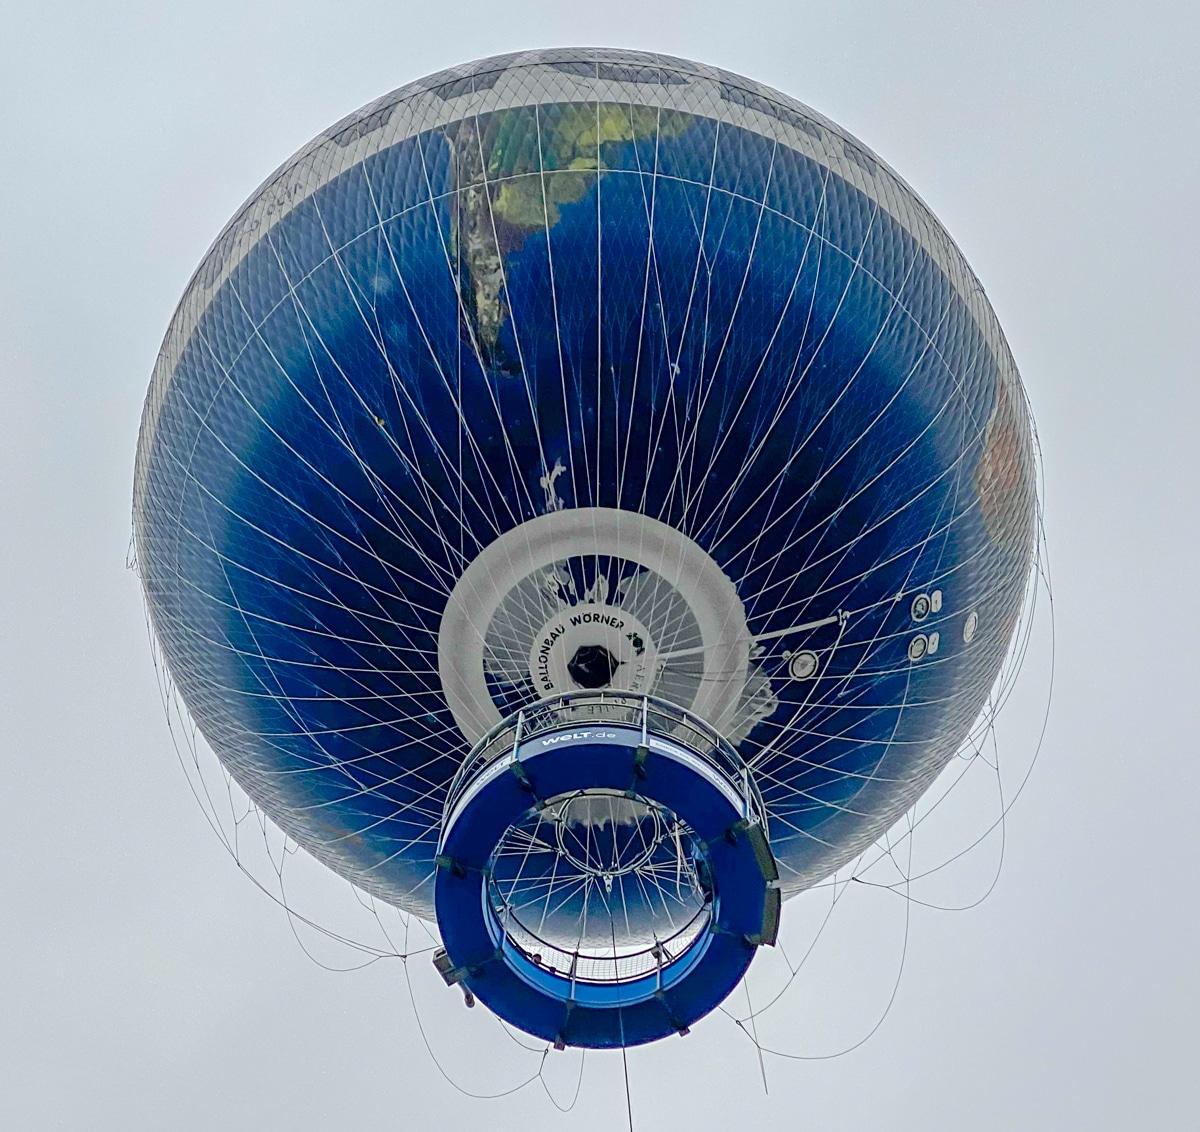 Balon die Welt